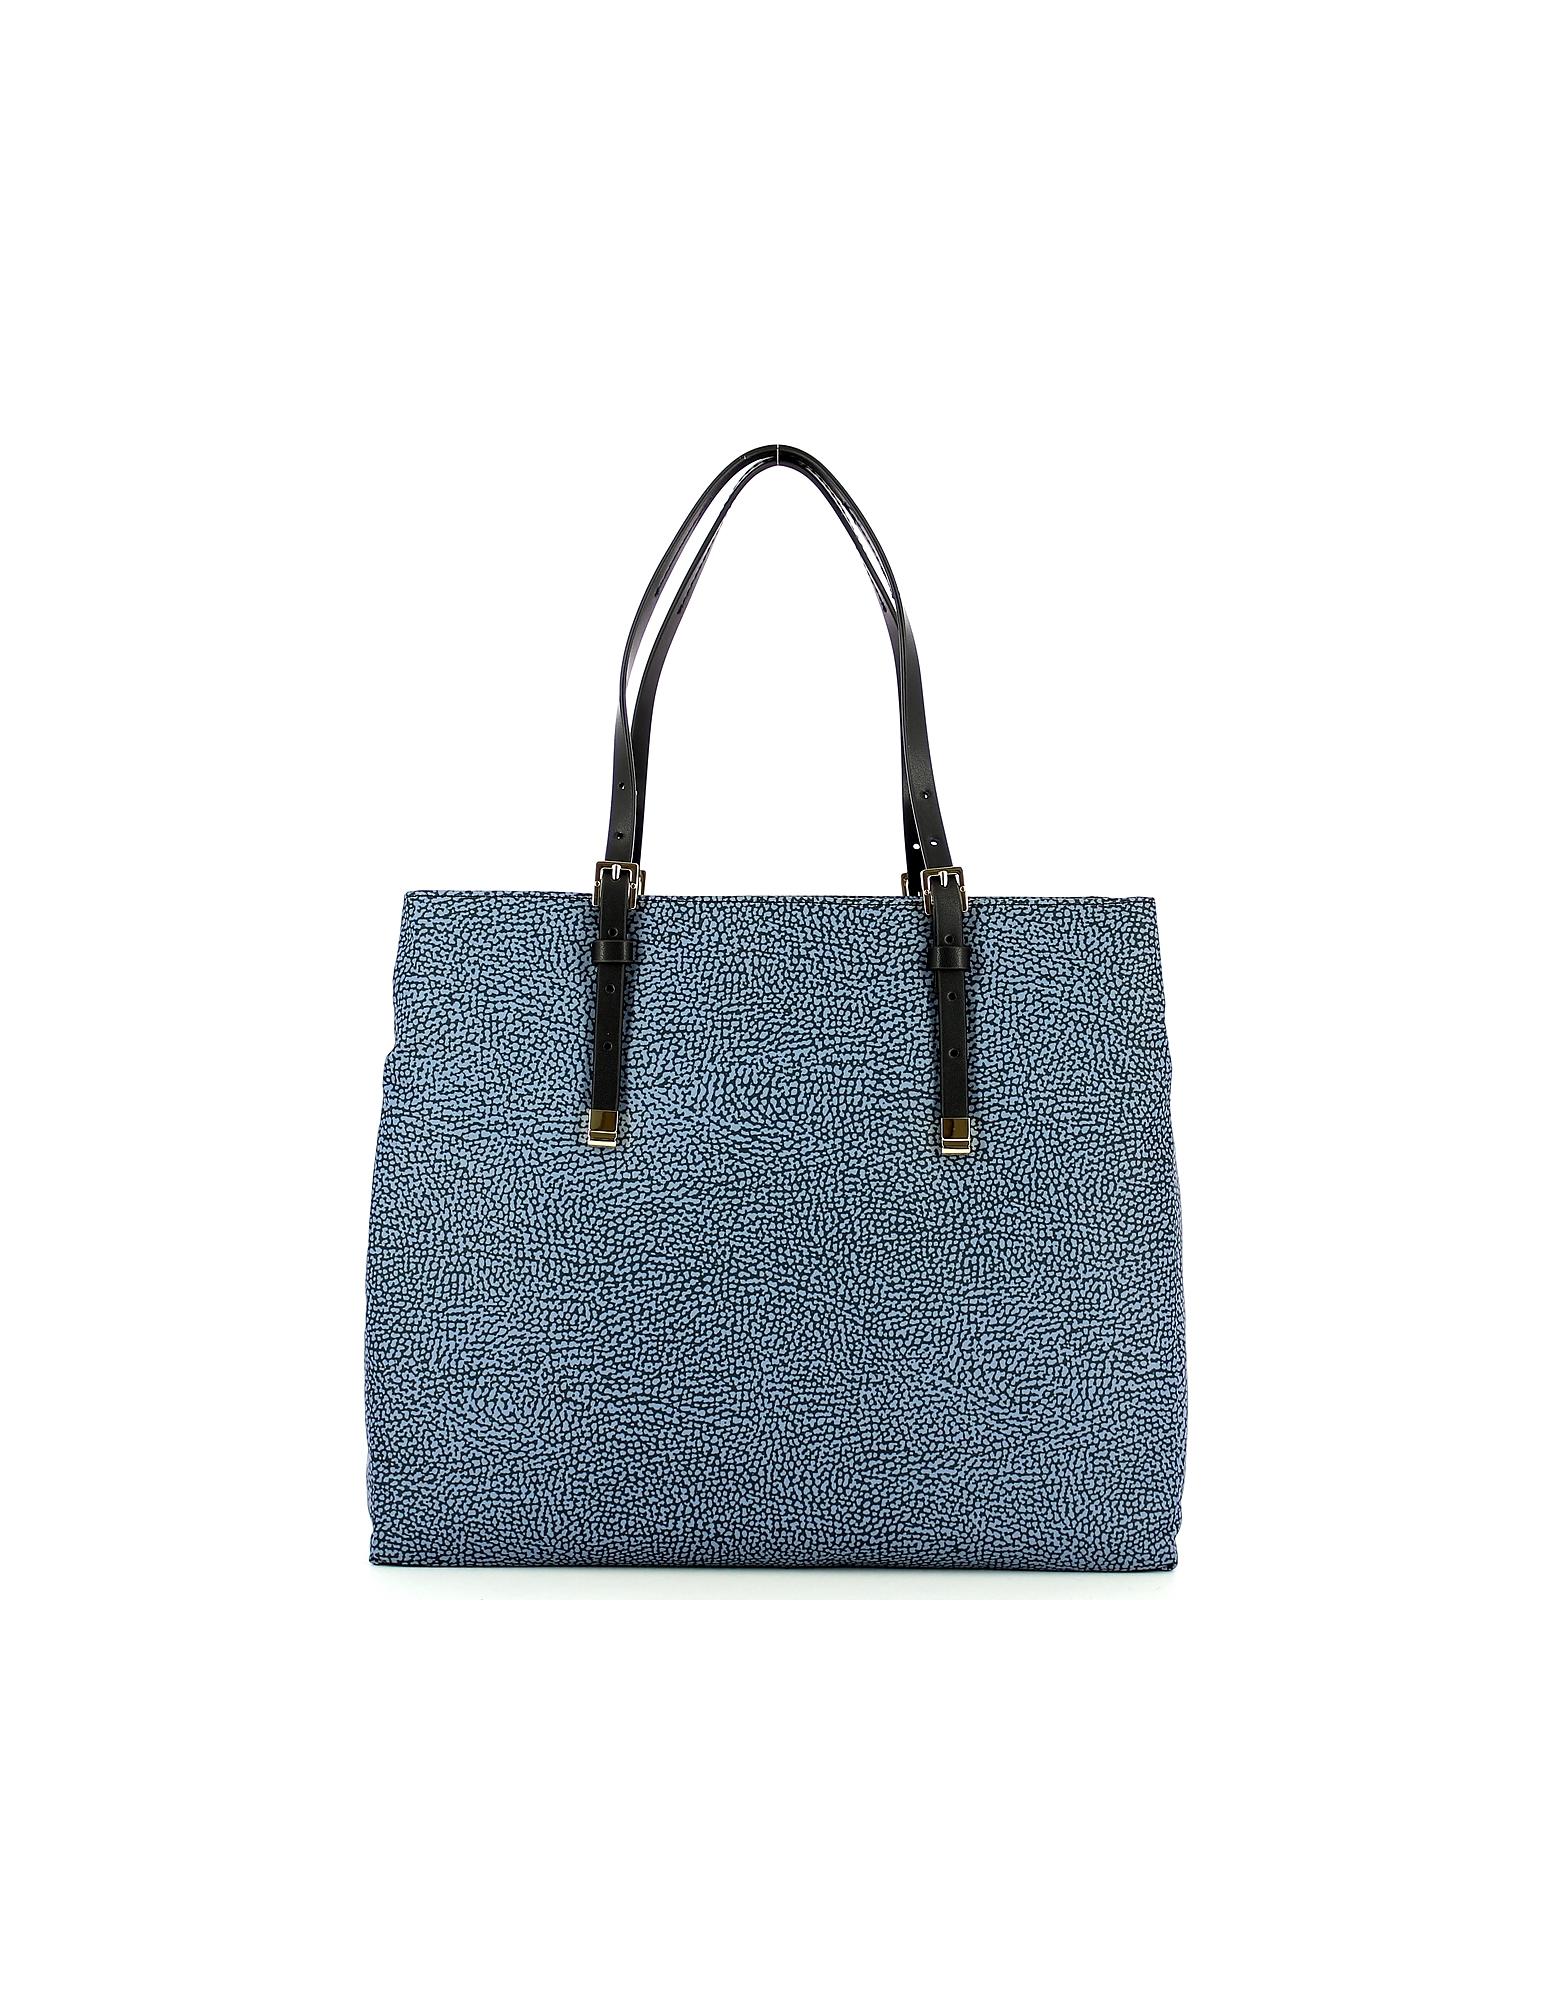 Borbonese Designer Handbags, Blue Large Shopping Bag w/Shoulder Strap